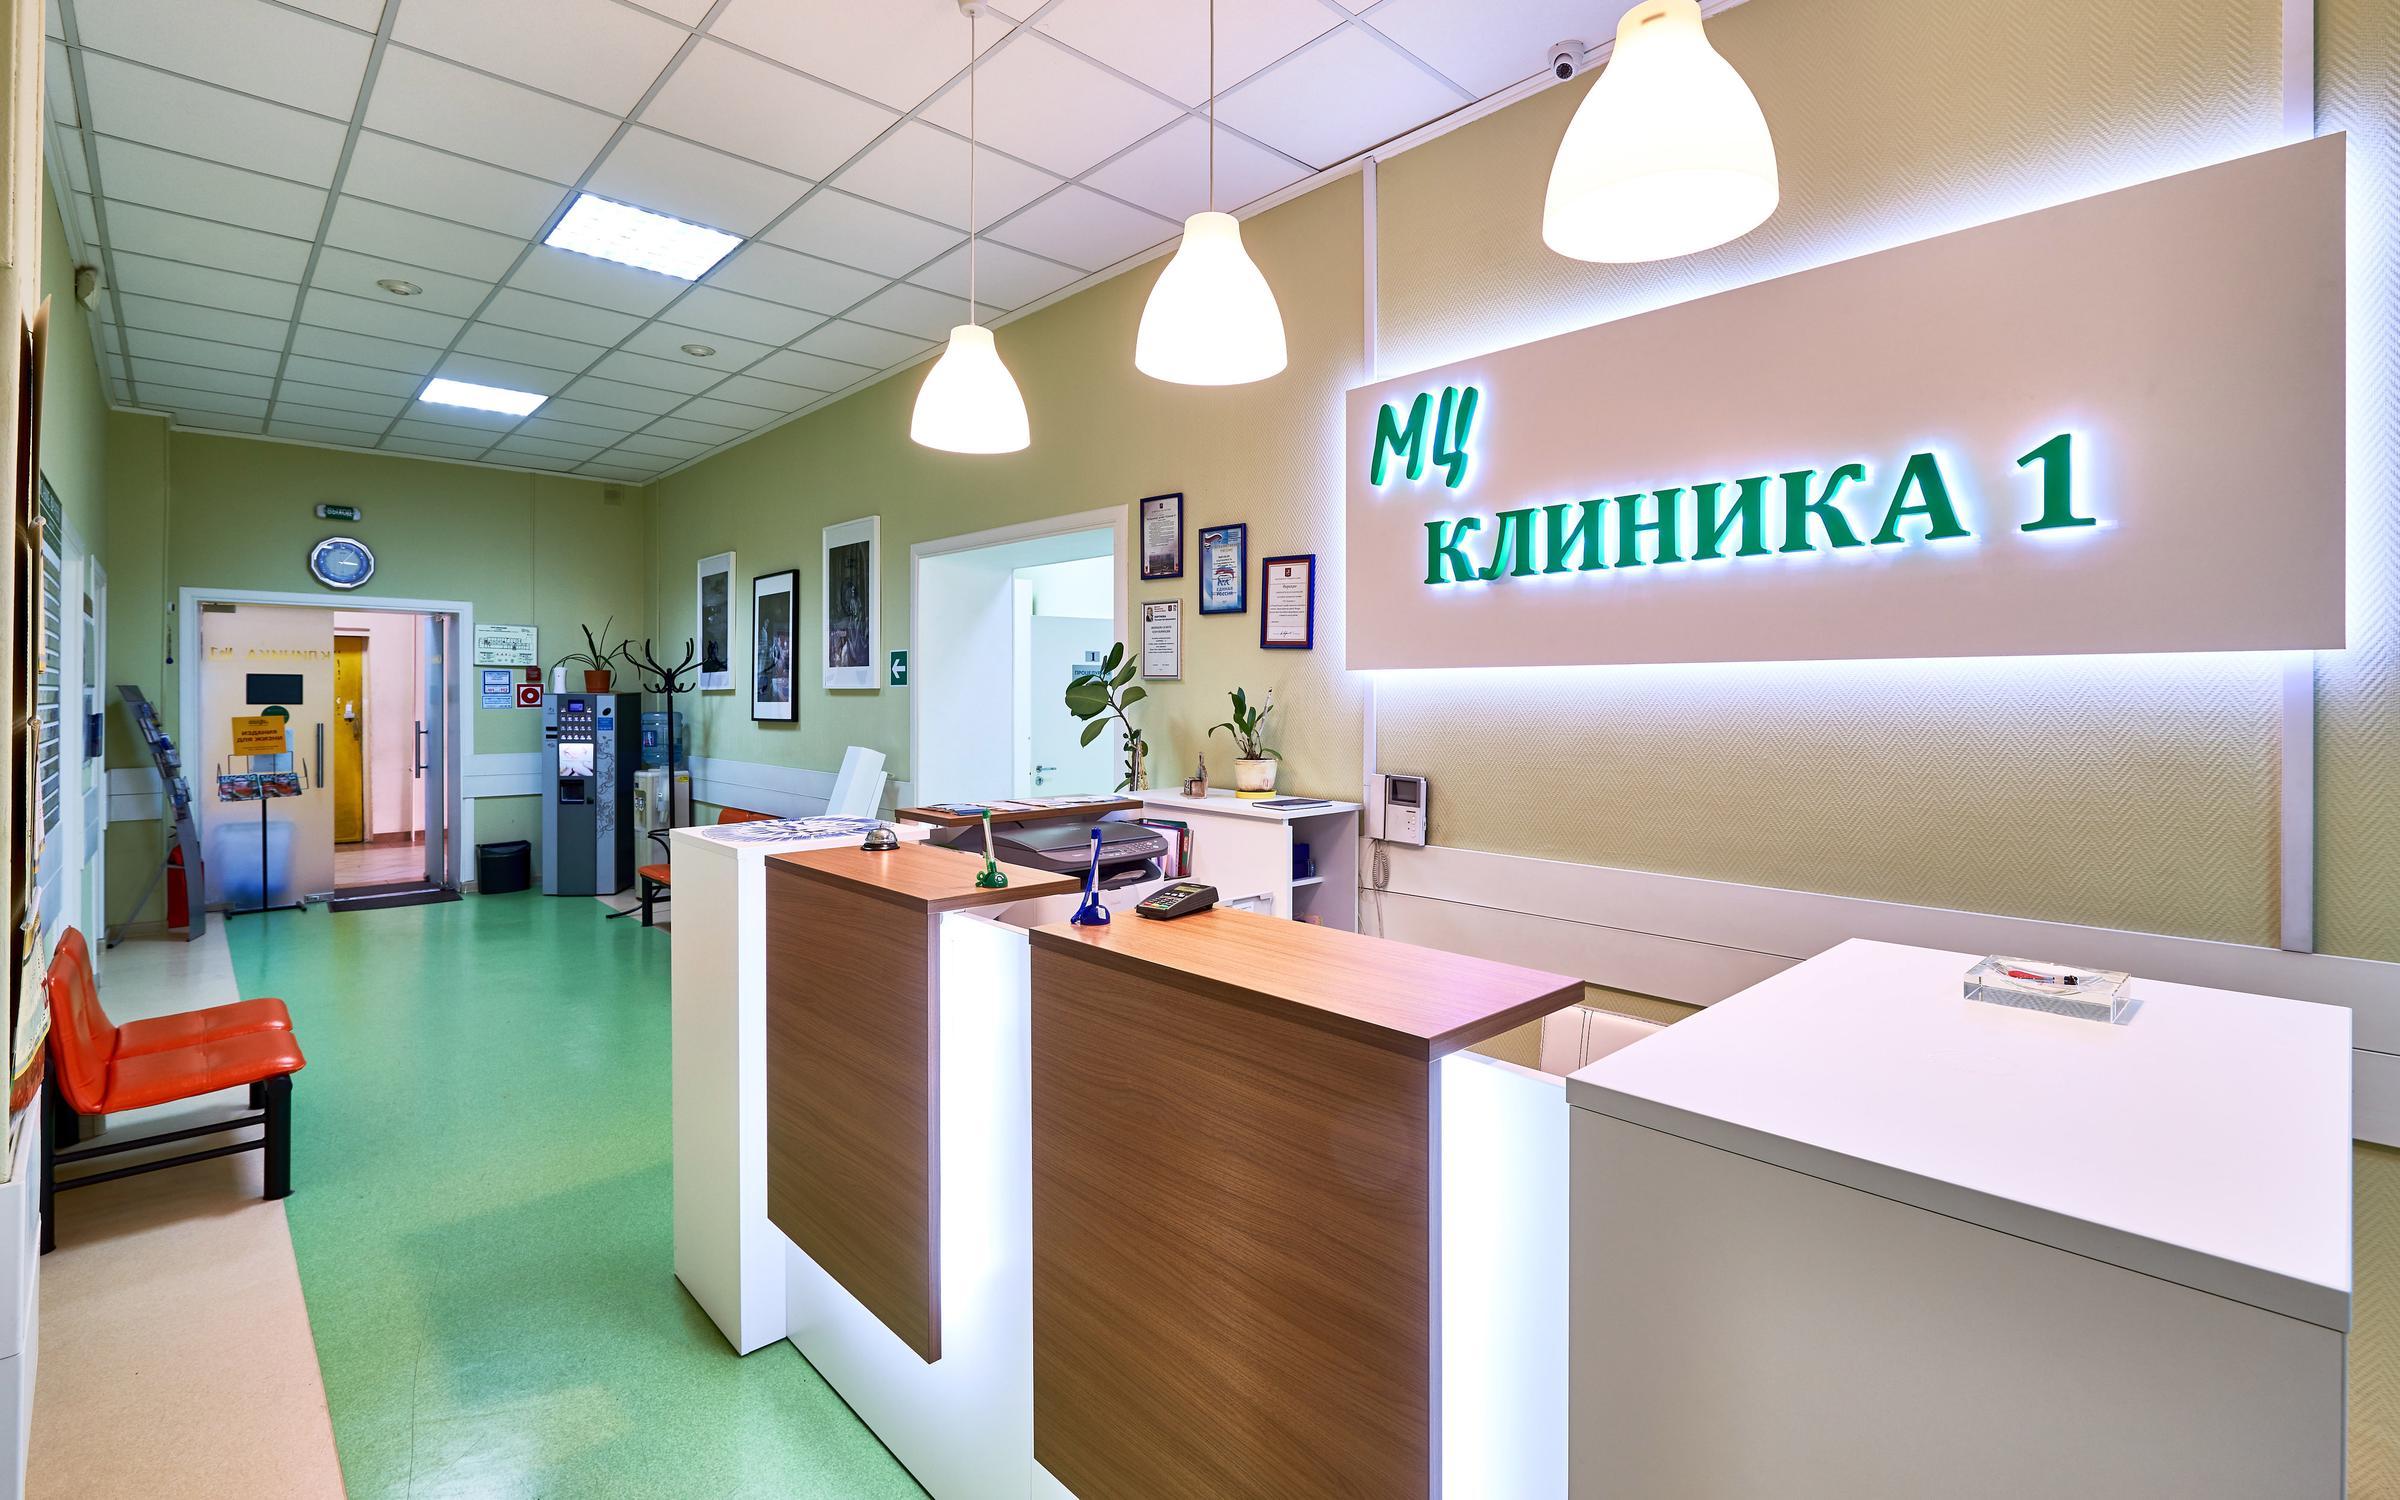 Медицинская книжка Дубровка Справка от врача Чоботовская улица